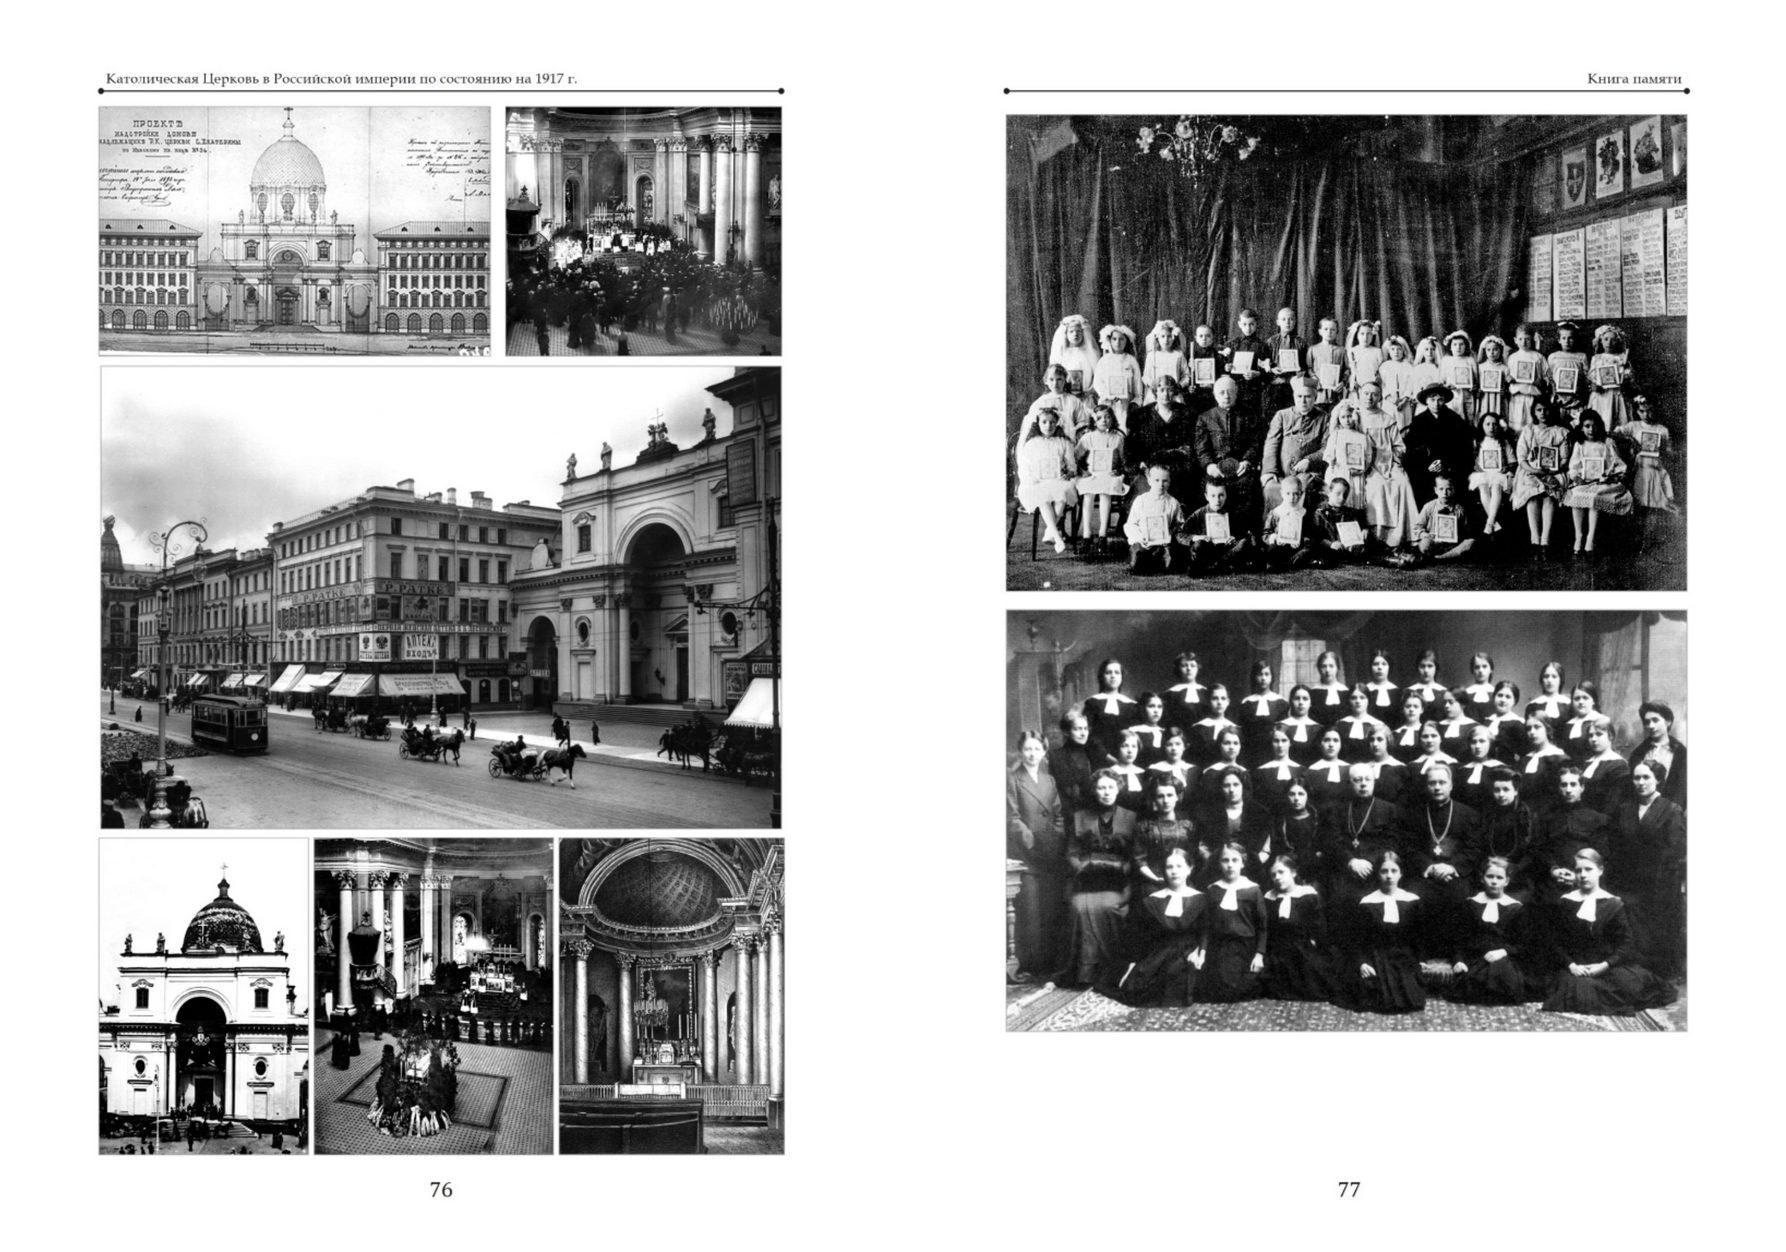 Издана книга, посвященная Католической Церкви в России накануне революции 1917 года и в Советский период 3